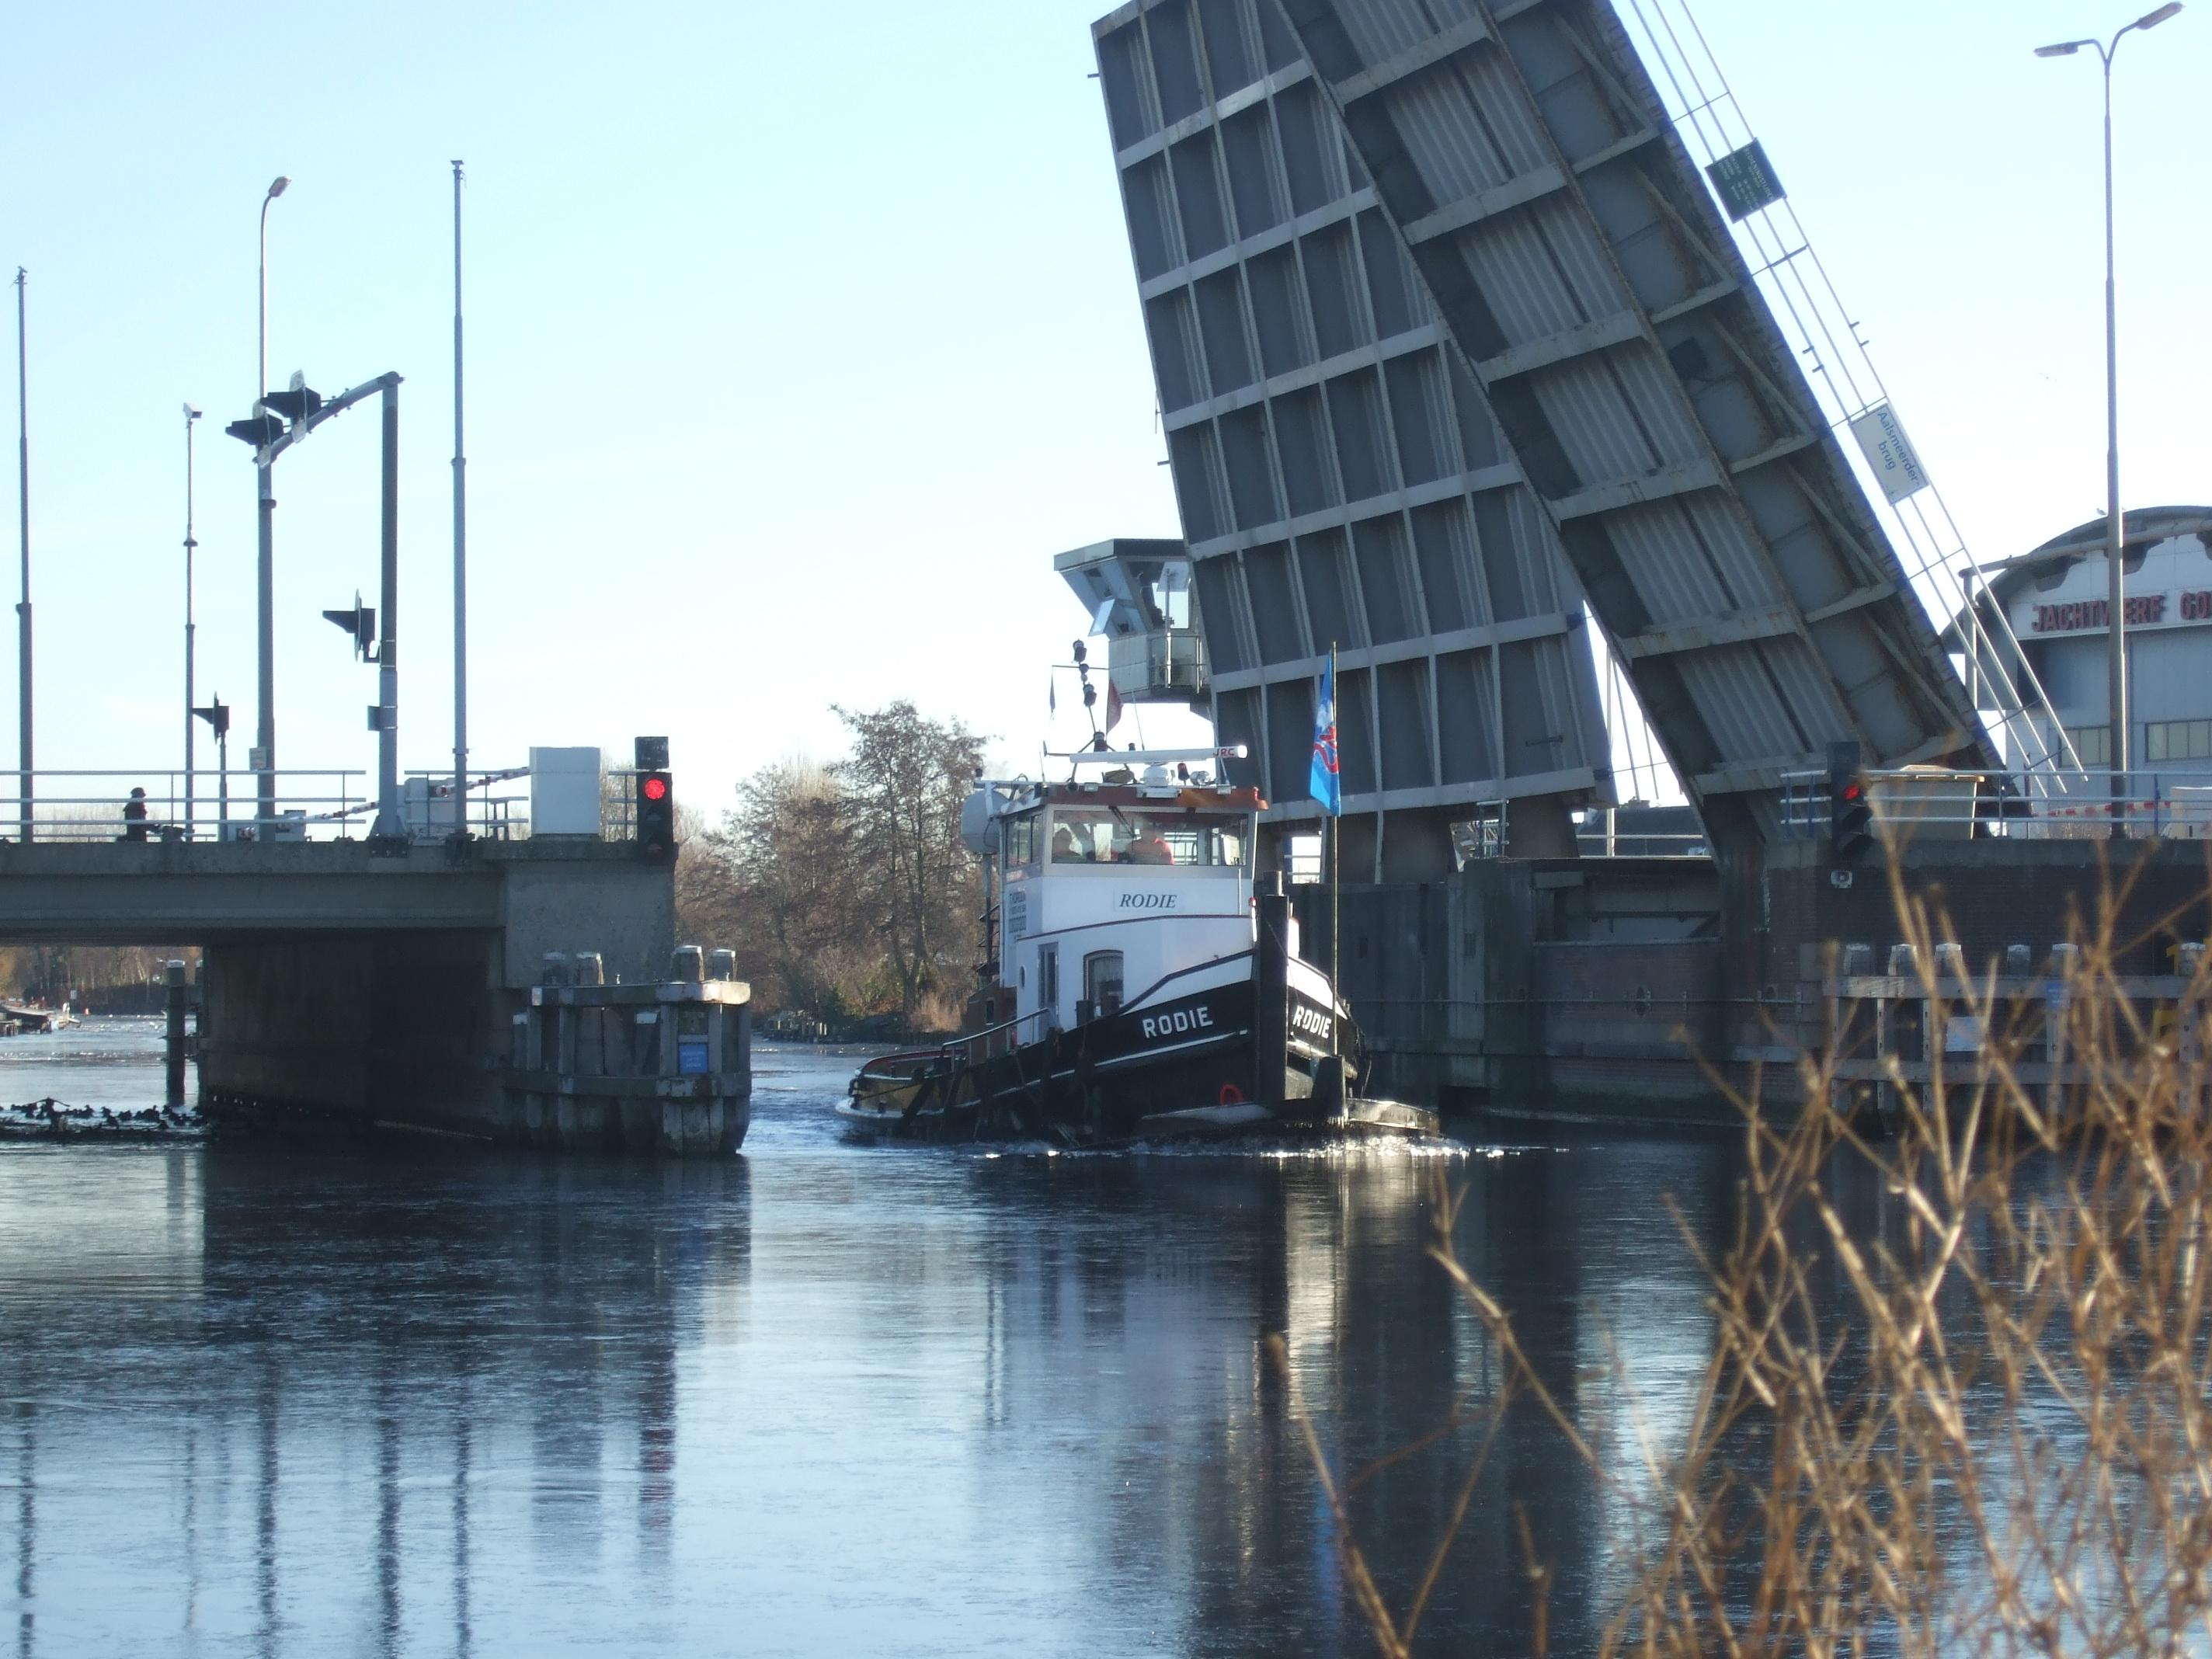 Tekort aan brugwachters nog niet opgelost. Houd rekening met vertraging bij bruggen en sluizen in Noord-Holland